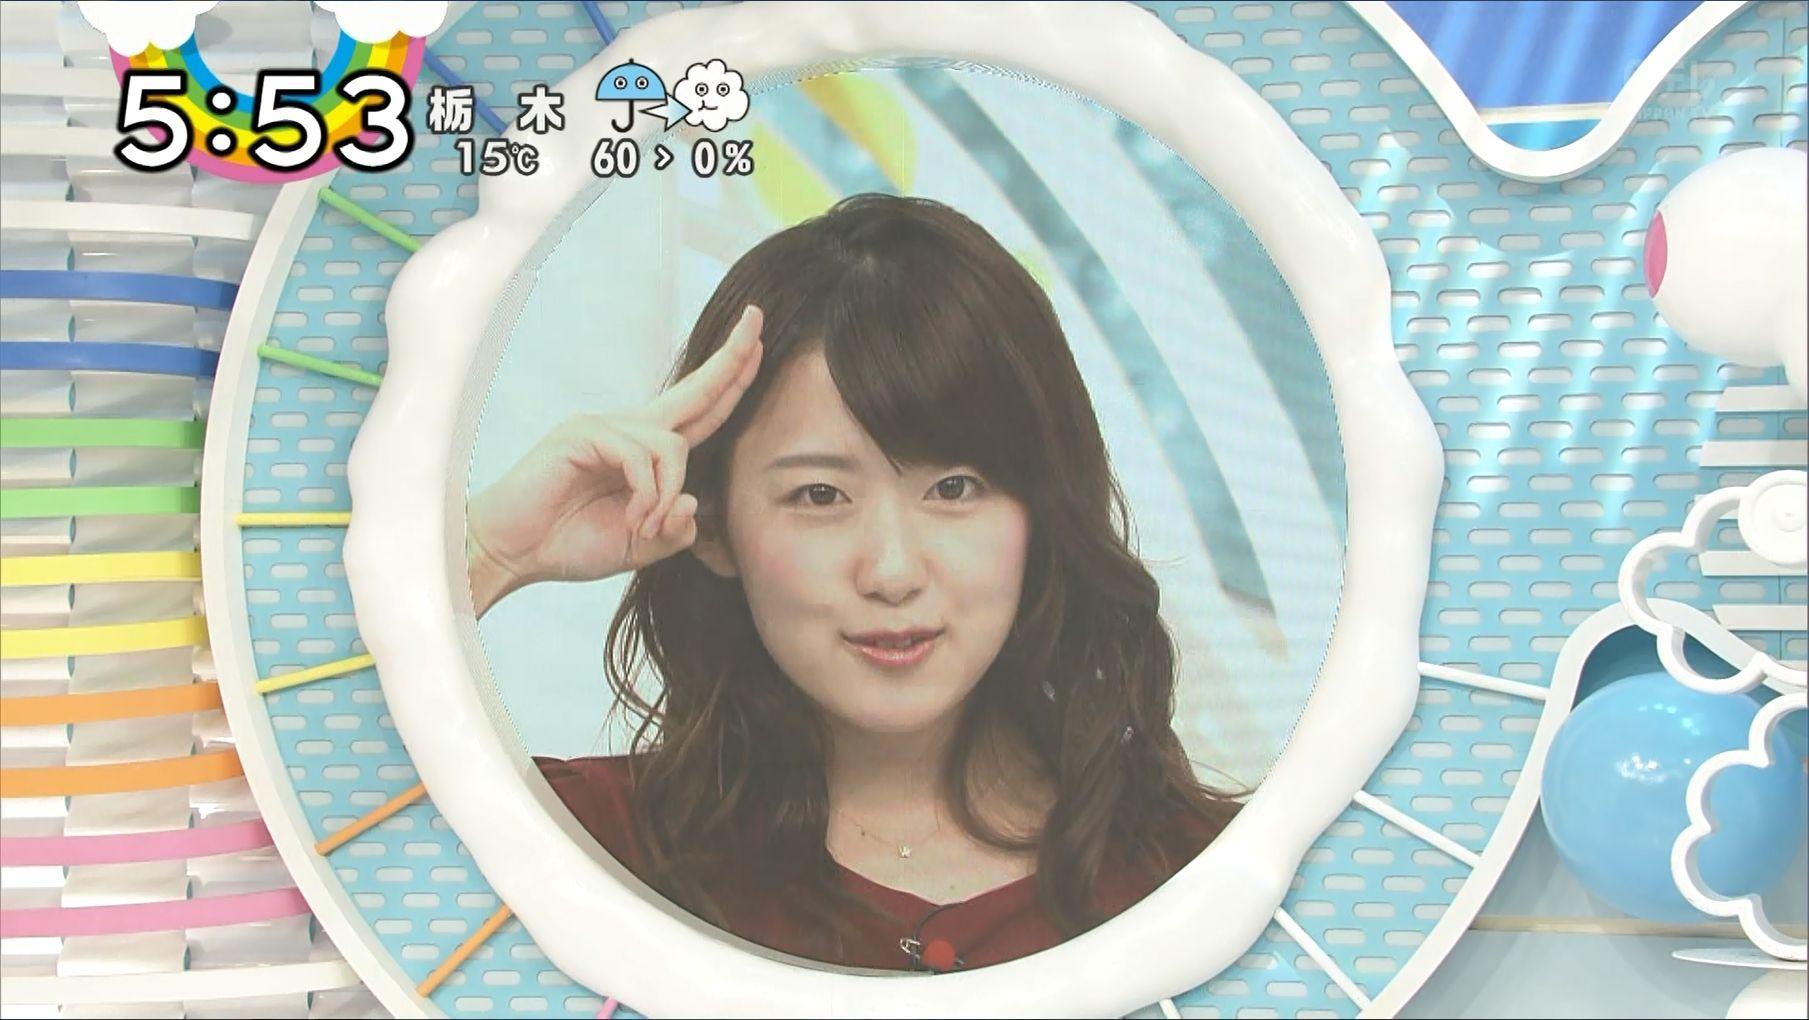 尾崎里紗 (アナウンサー)の画像 p1_38